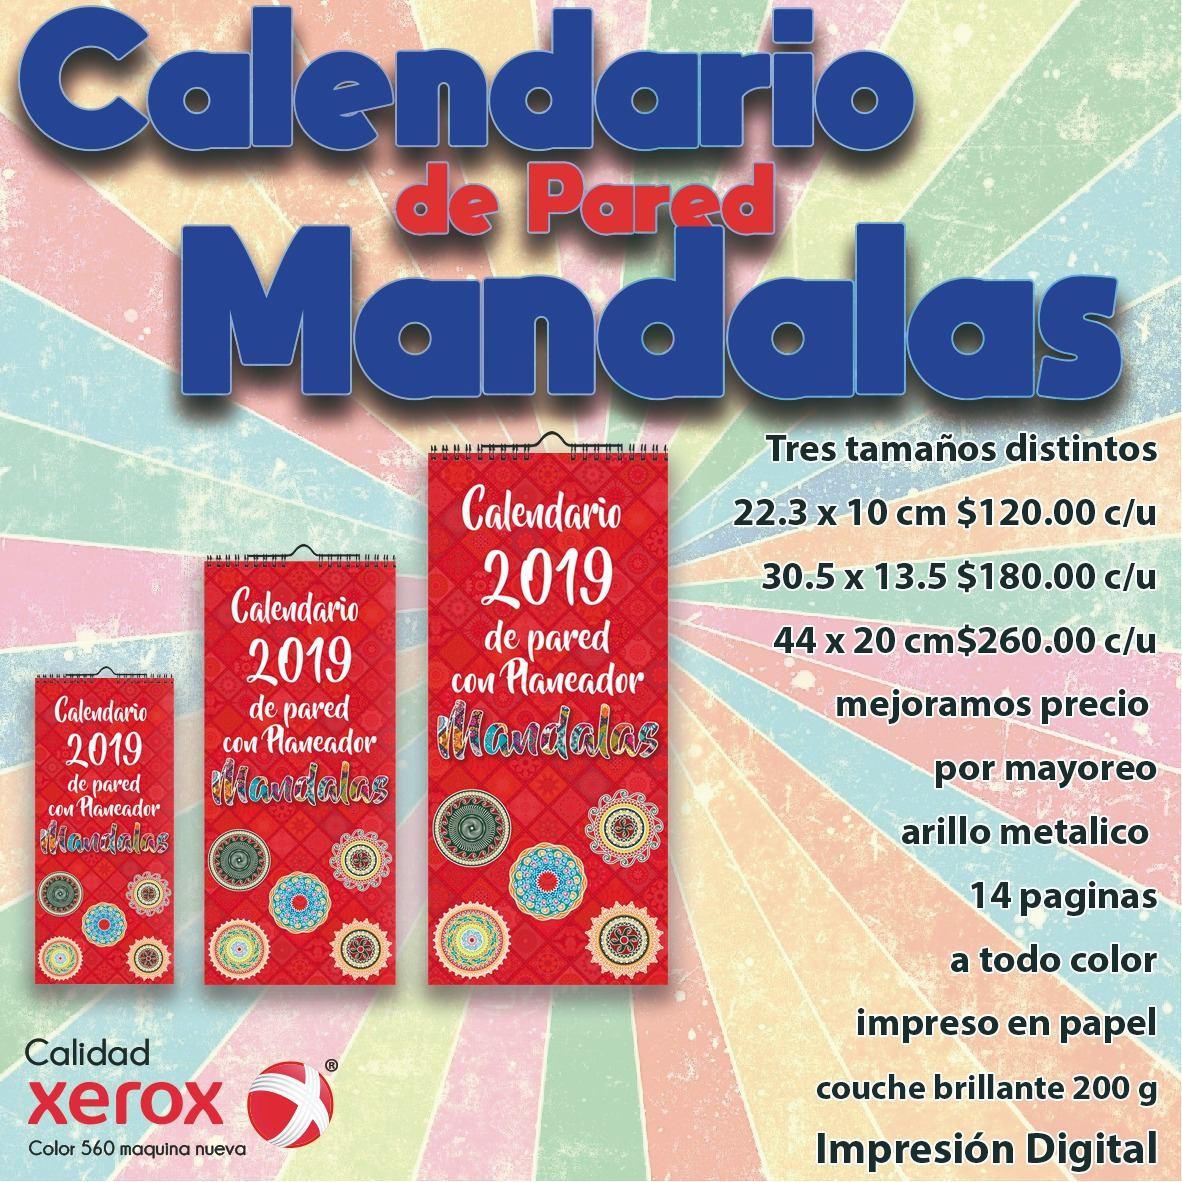 Calendario De Pared 2019 Mandalas - $ 40.00 en Mercado Libre